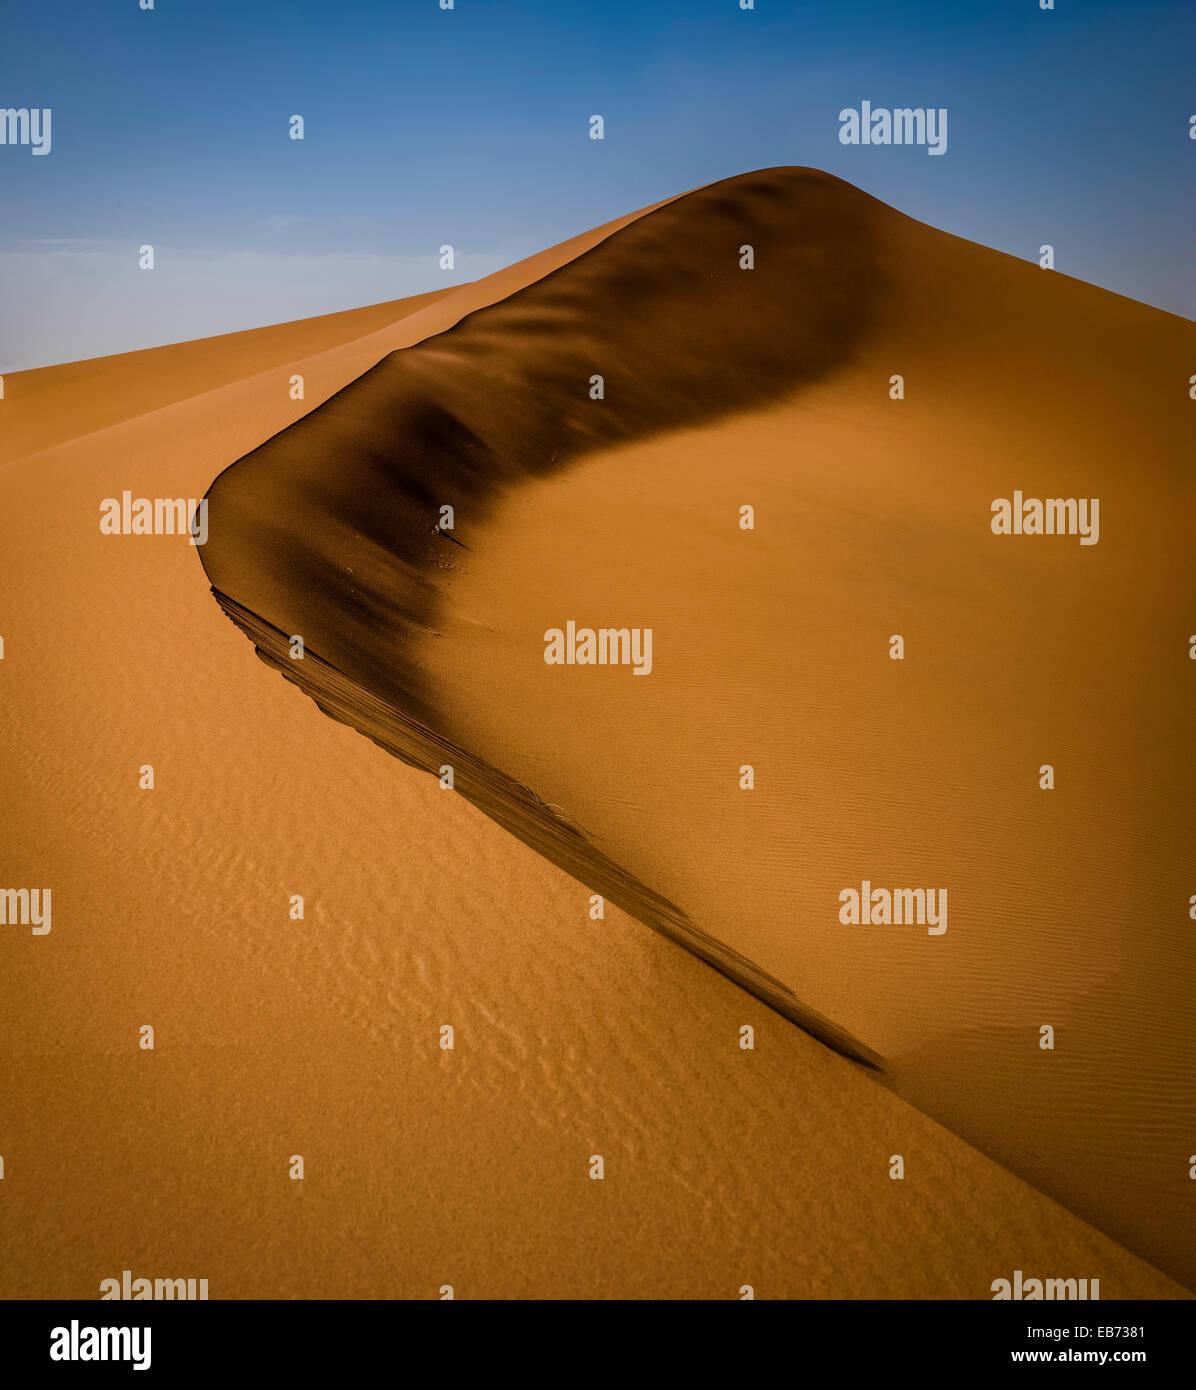 SAHARA DESERT ERG ZHAR MOROCCO AFRICA DUNES - Stock Image